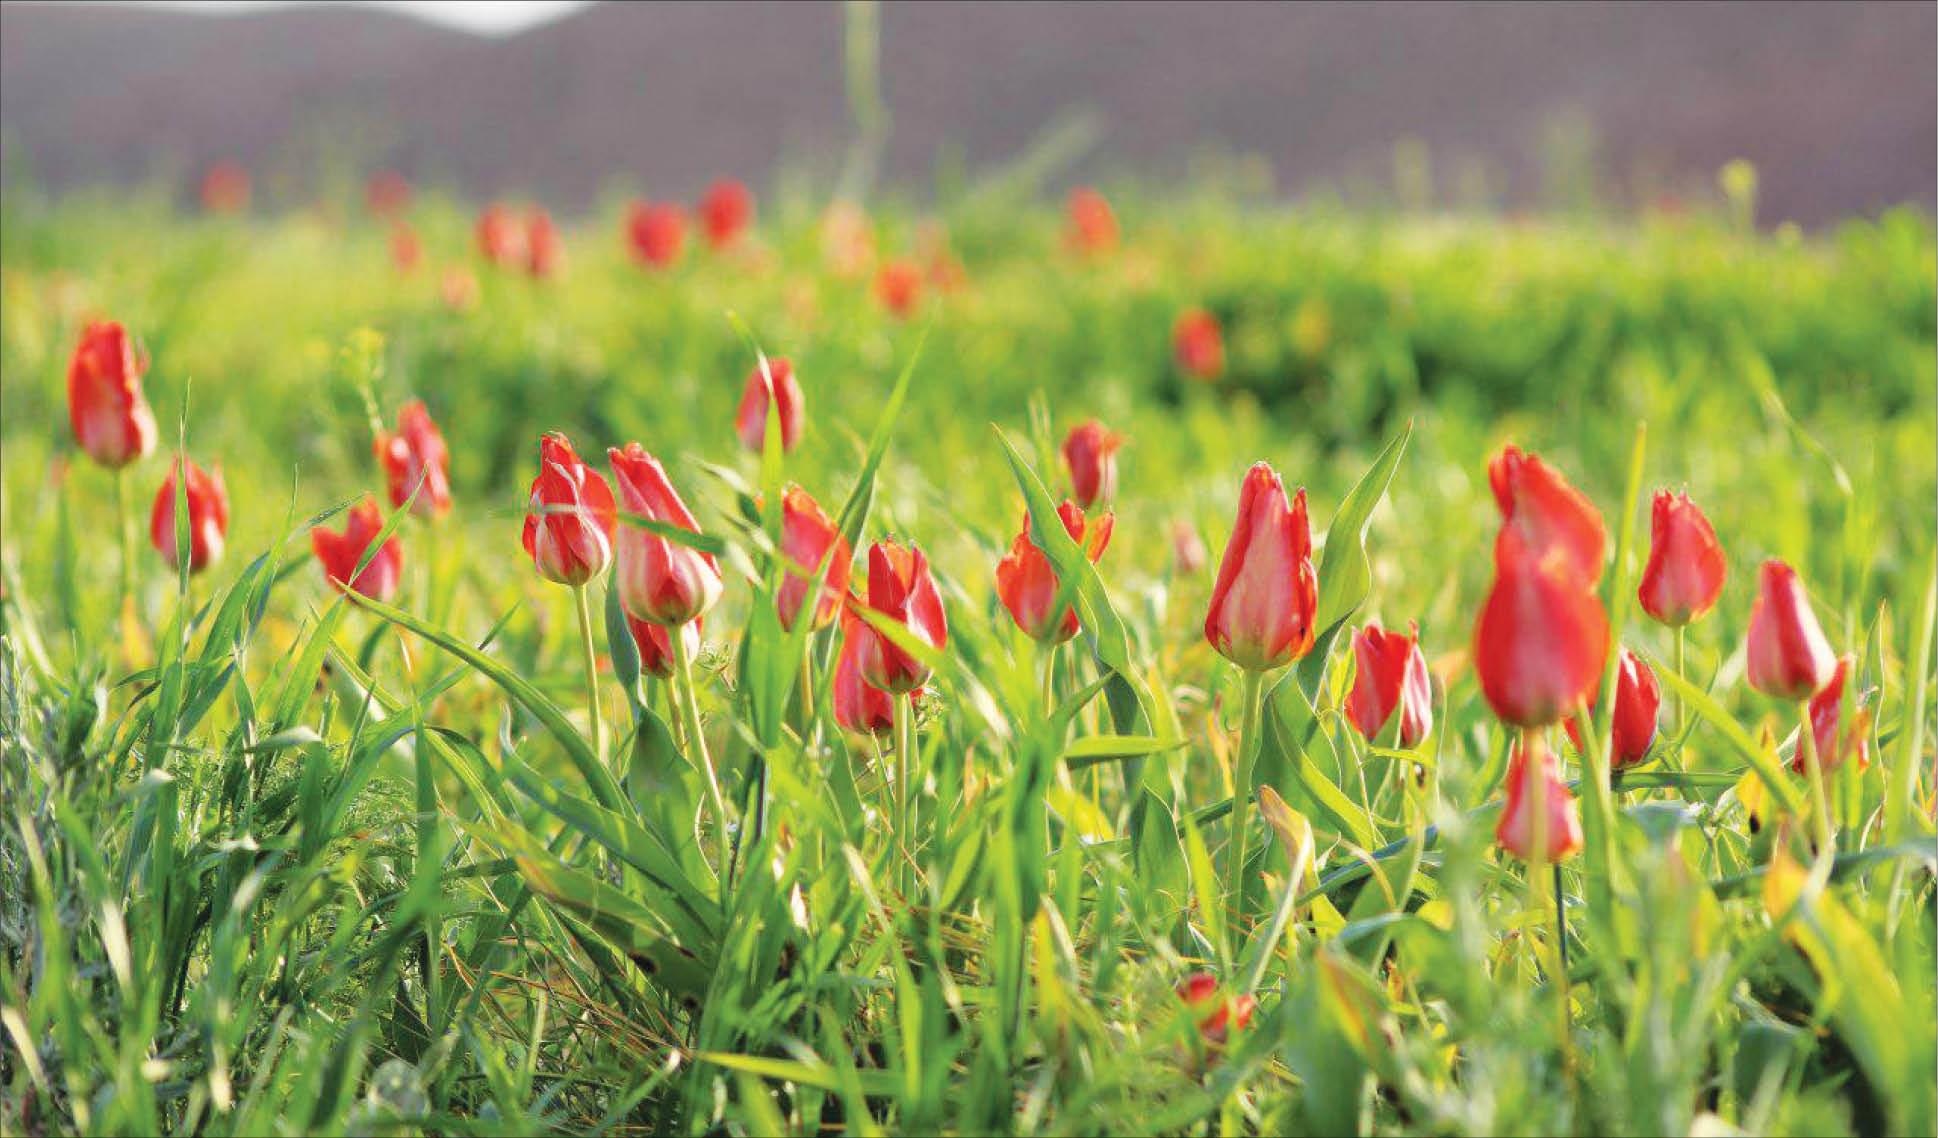 دلبری لاله ها در طبیعت زیبای اردکول : بازدید 6 هزار گردشگر از سرزمین لاله های سرخ